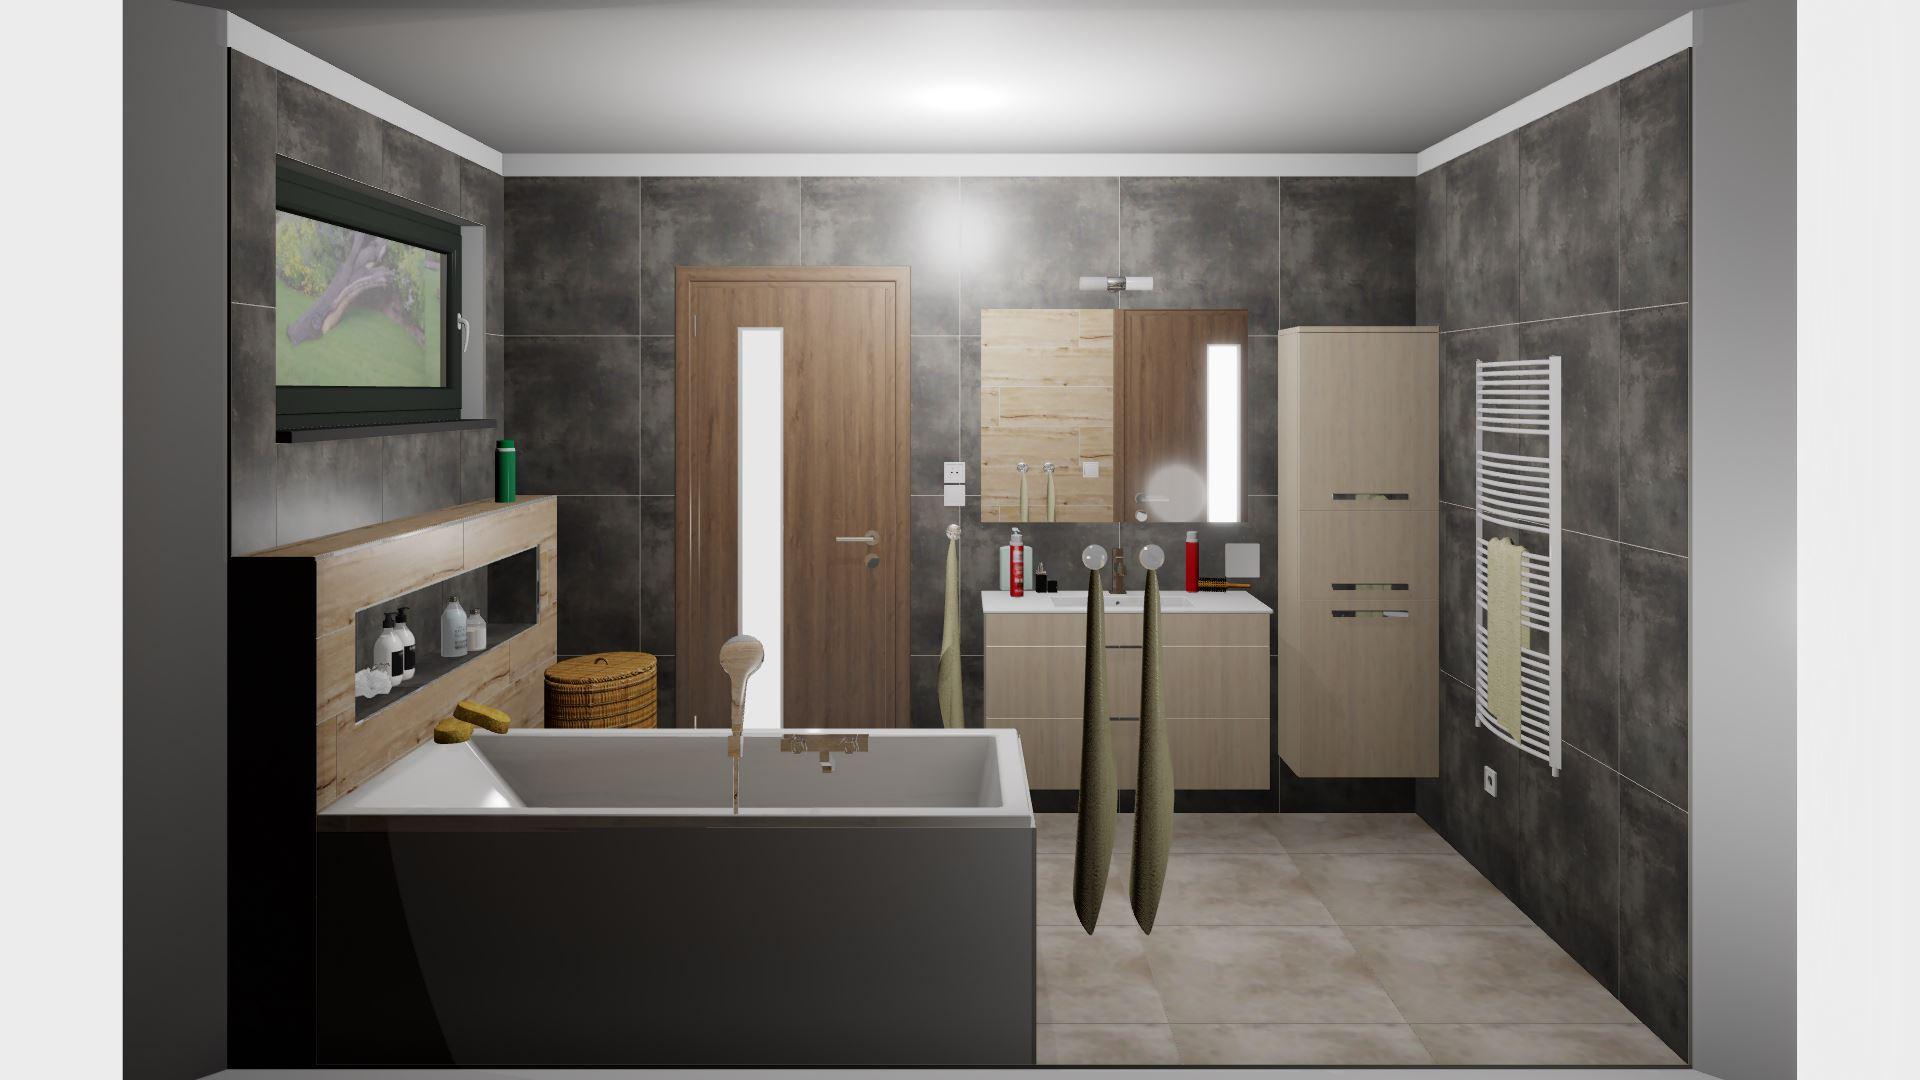 Rodičovská koupelna - Obrázek č. 1